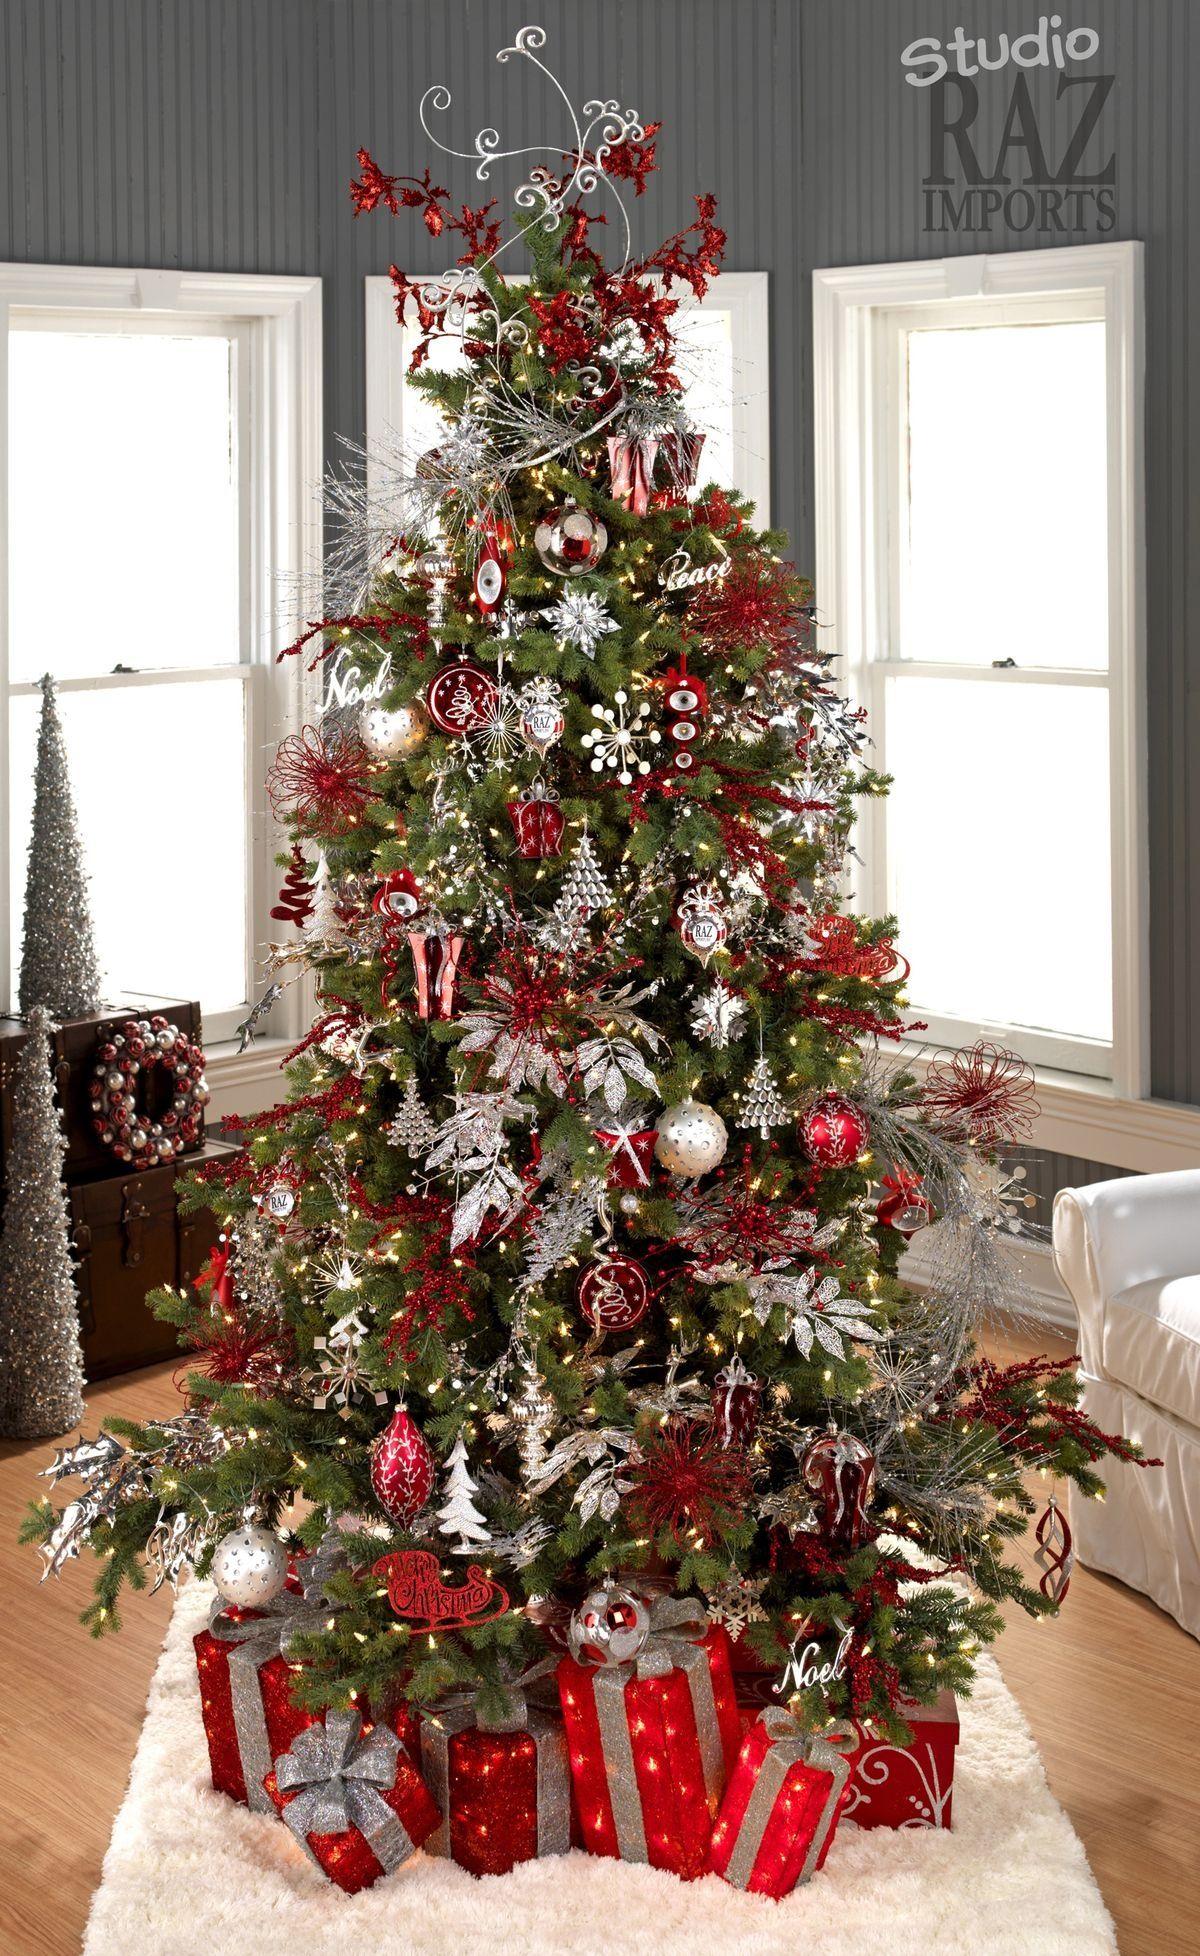 703f724740b4ad9954895c2f2af0a2ba Jpg 1200 1956 크리스마스 리스 크리스마스 리스